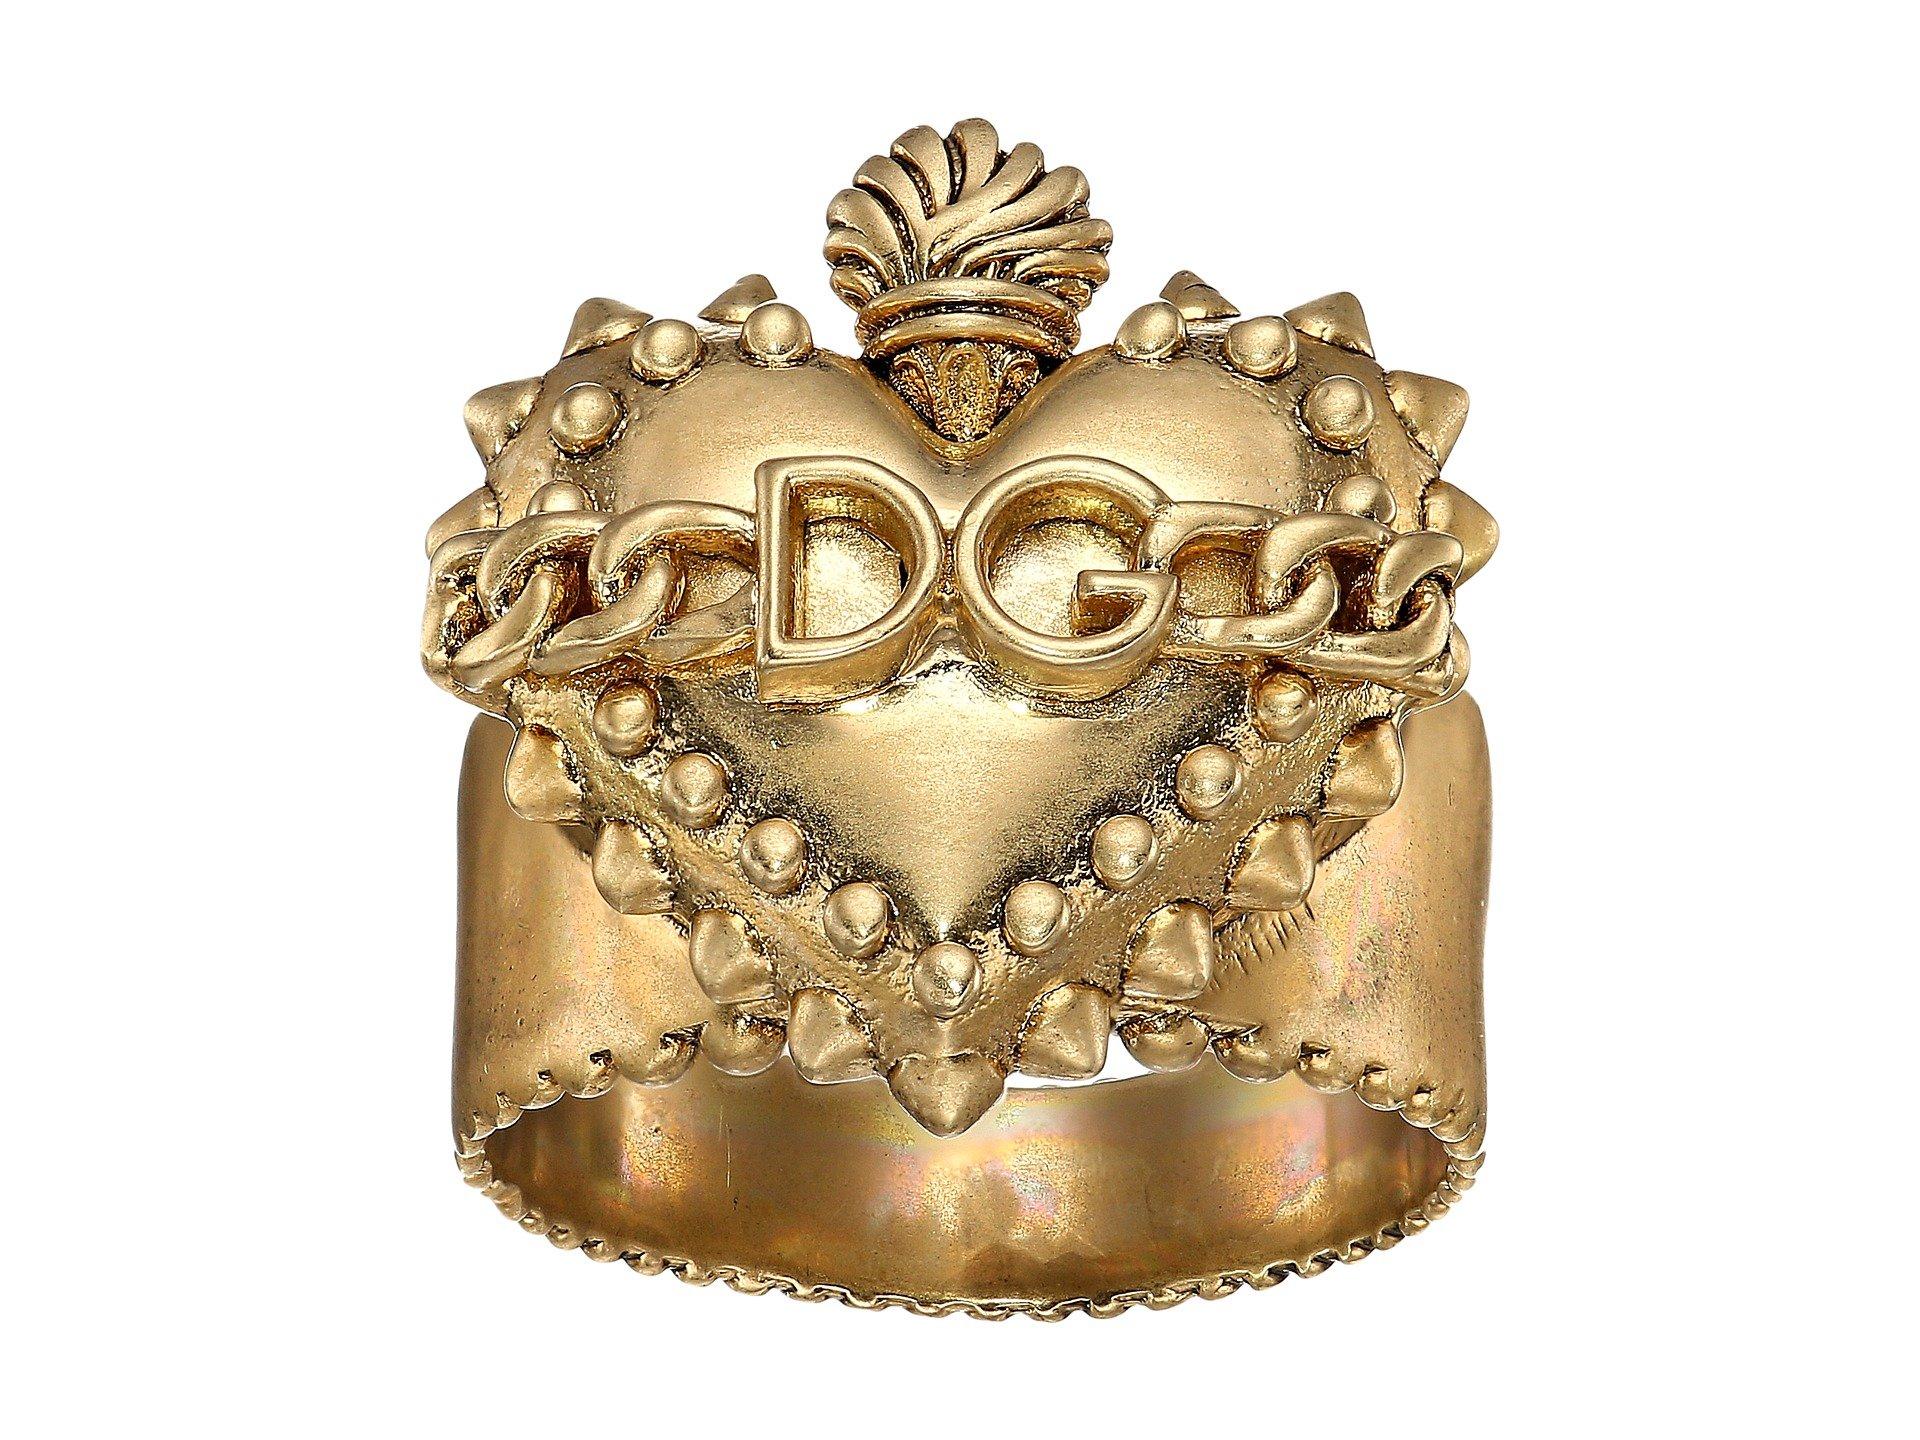 Anillo para Hombre Dolce andamp; Gabbana Heart Ring  + Dolce & Gabbana en VeoyCompro.net